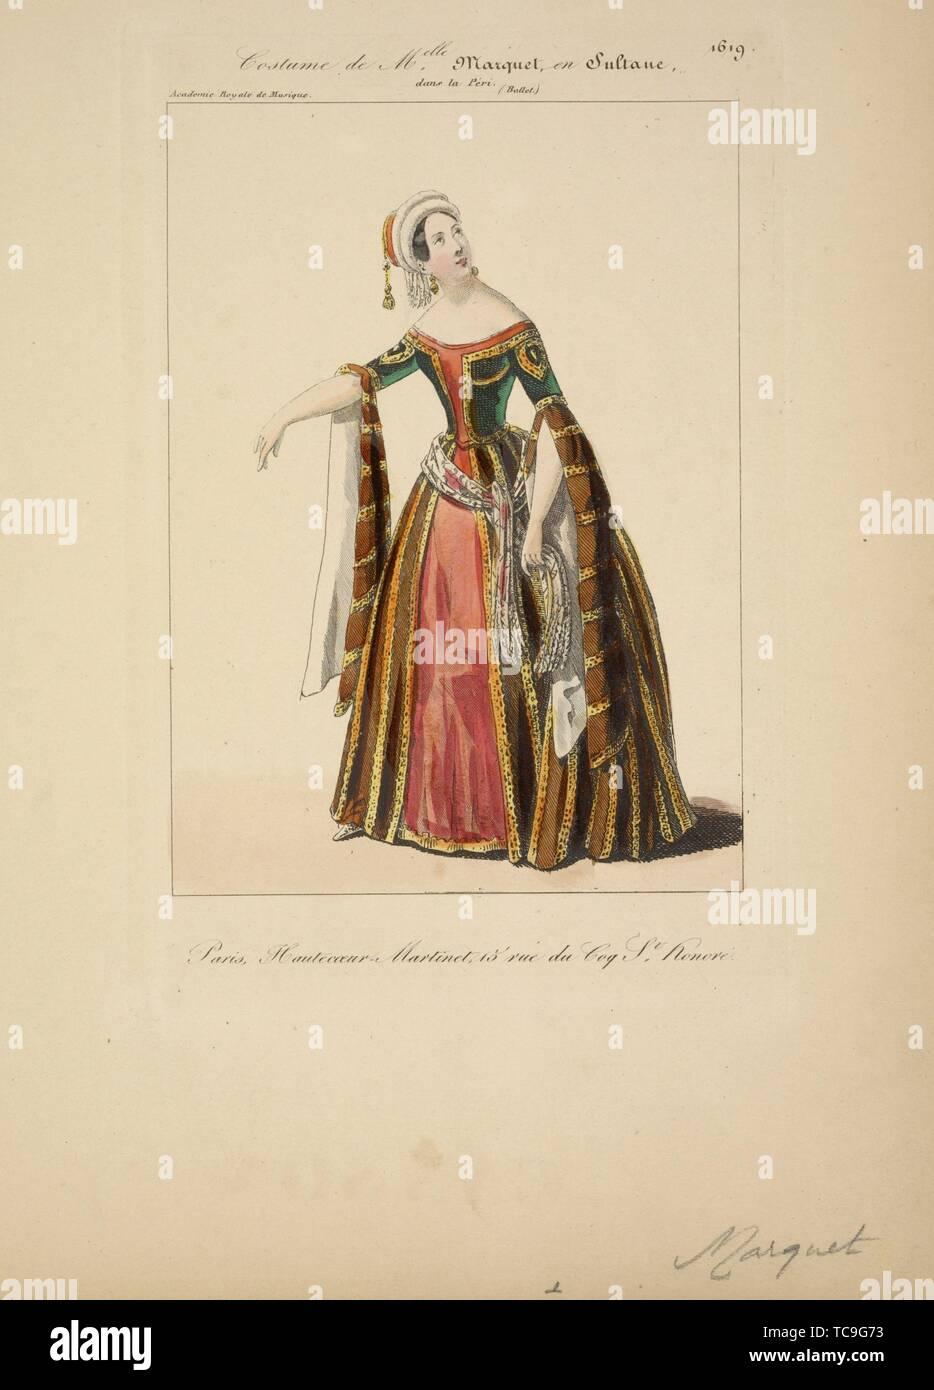 Costume de Melle. Marquet, en Sultane, dans La péri, ballet, Académie royale de musique. Additional title: Petite galerie dramatique ; 1619 - Stock Image